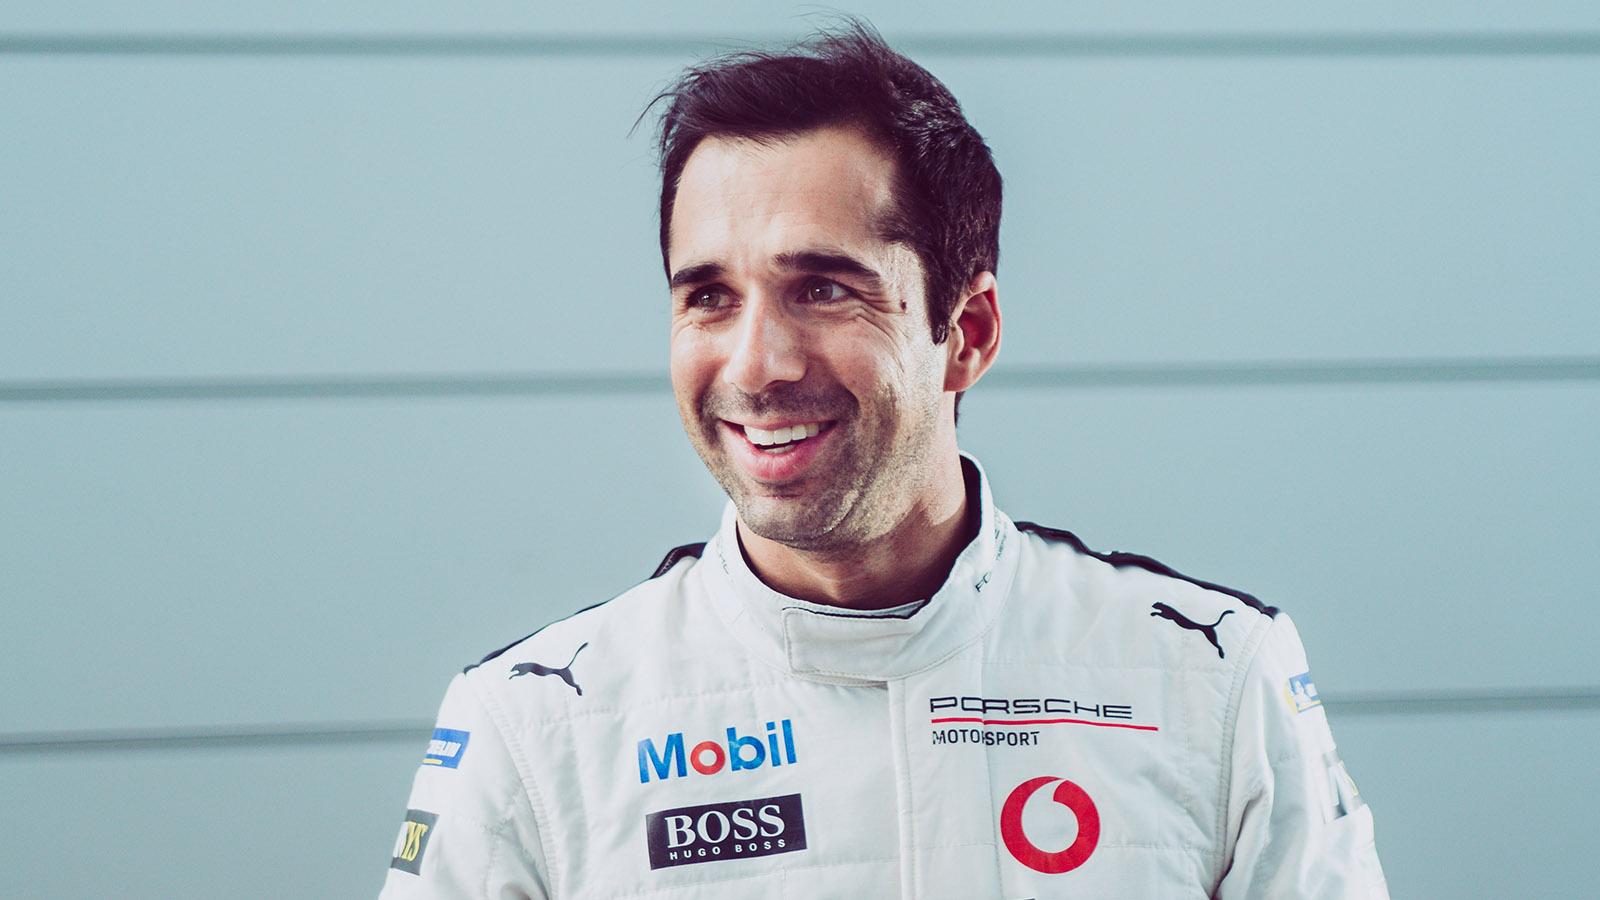 Porsche - Neel Jani (test, development and race driver) SUI